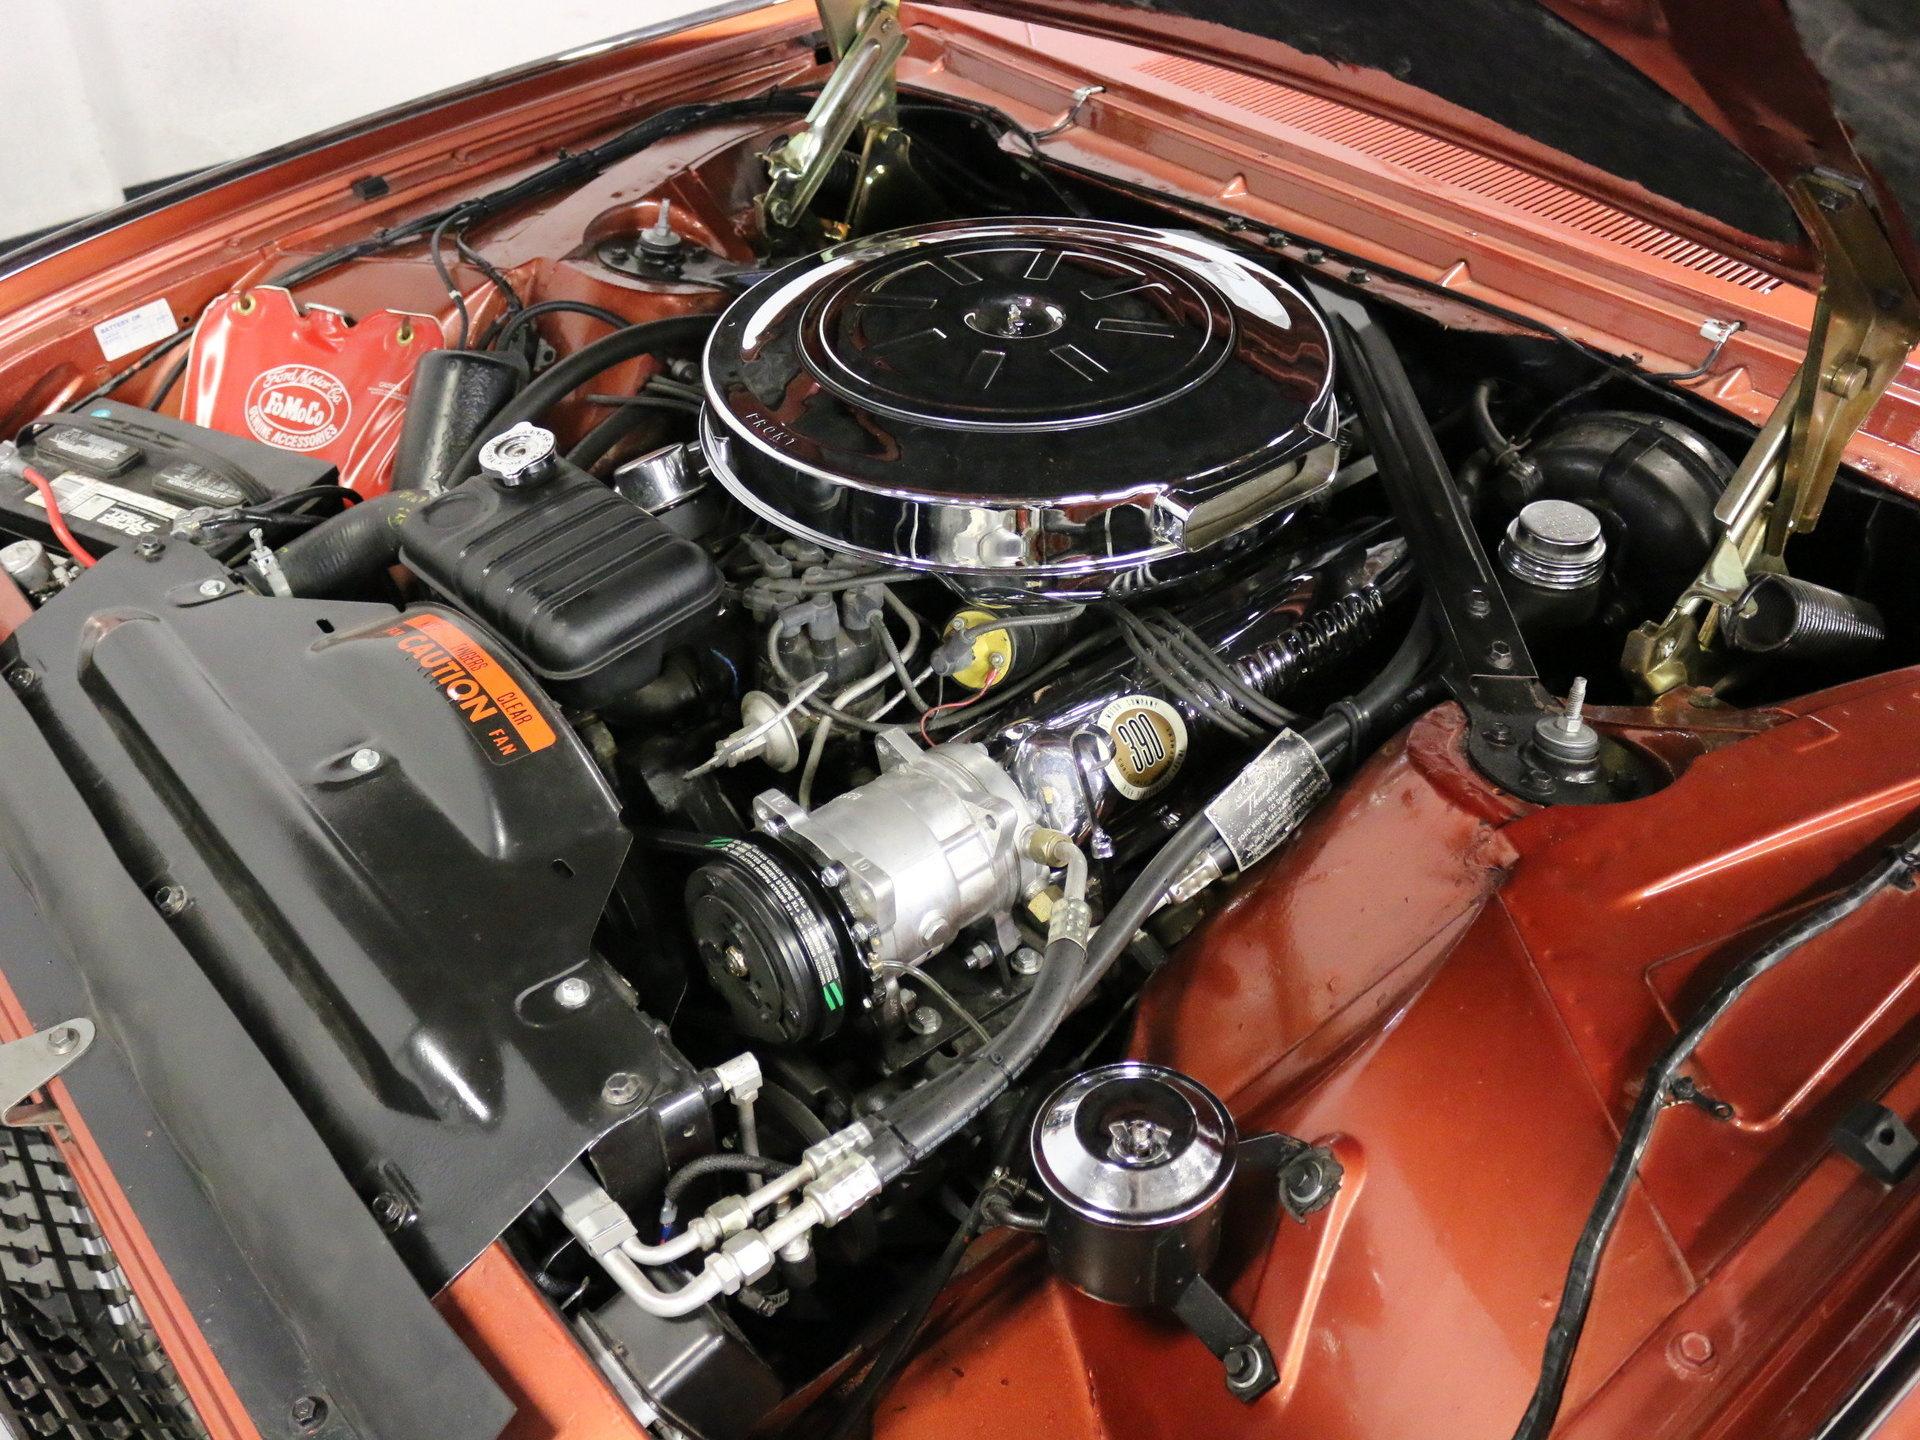 1962 thunderbird carburetor diagram schematic diagrams thunderbird  convertible 1962 ford thunderbird streetside classics the nation's trusted